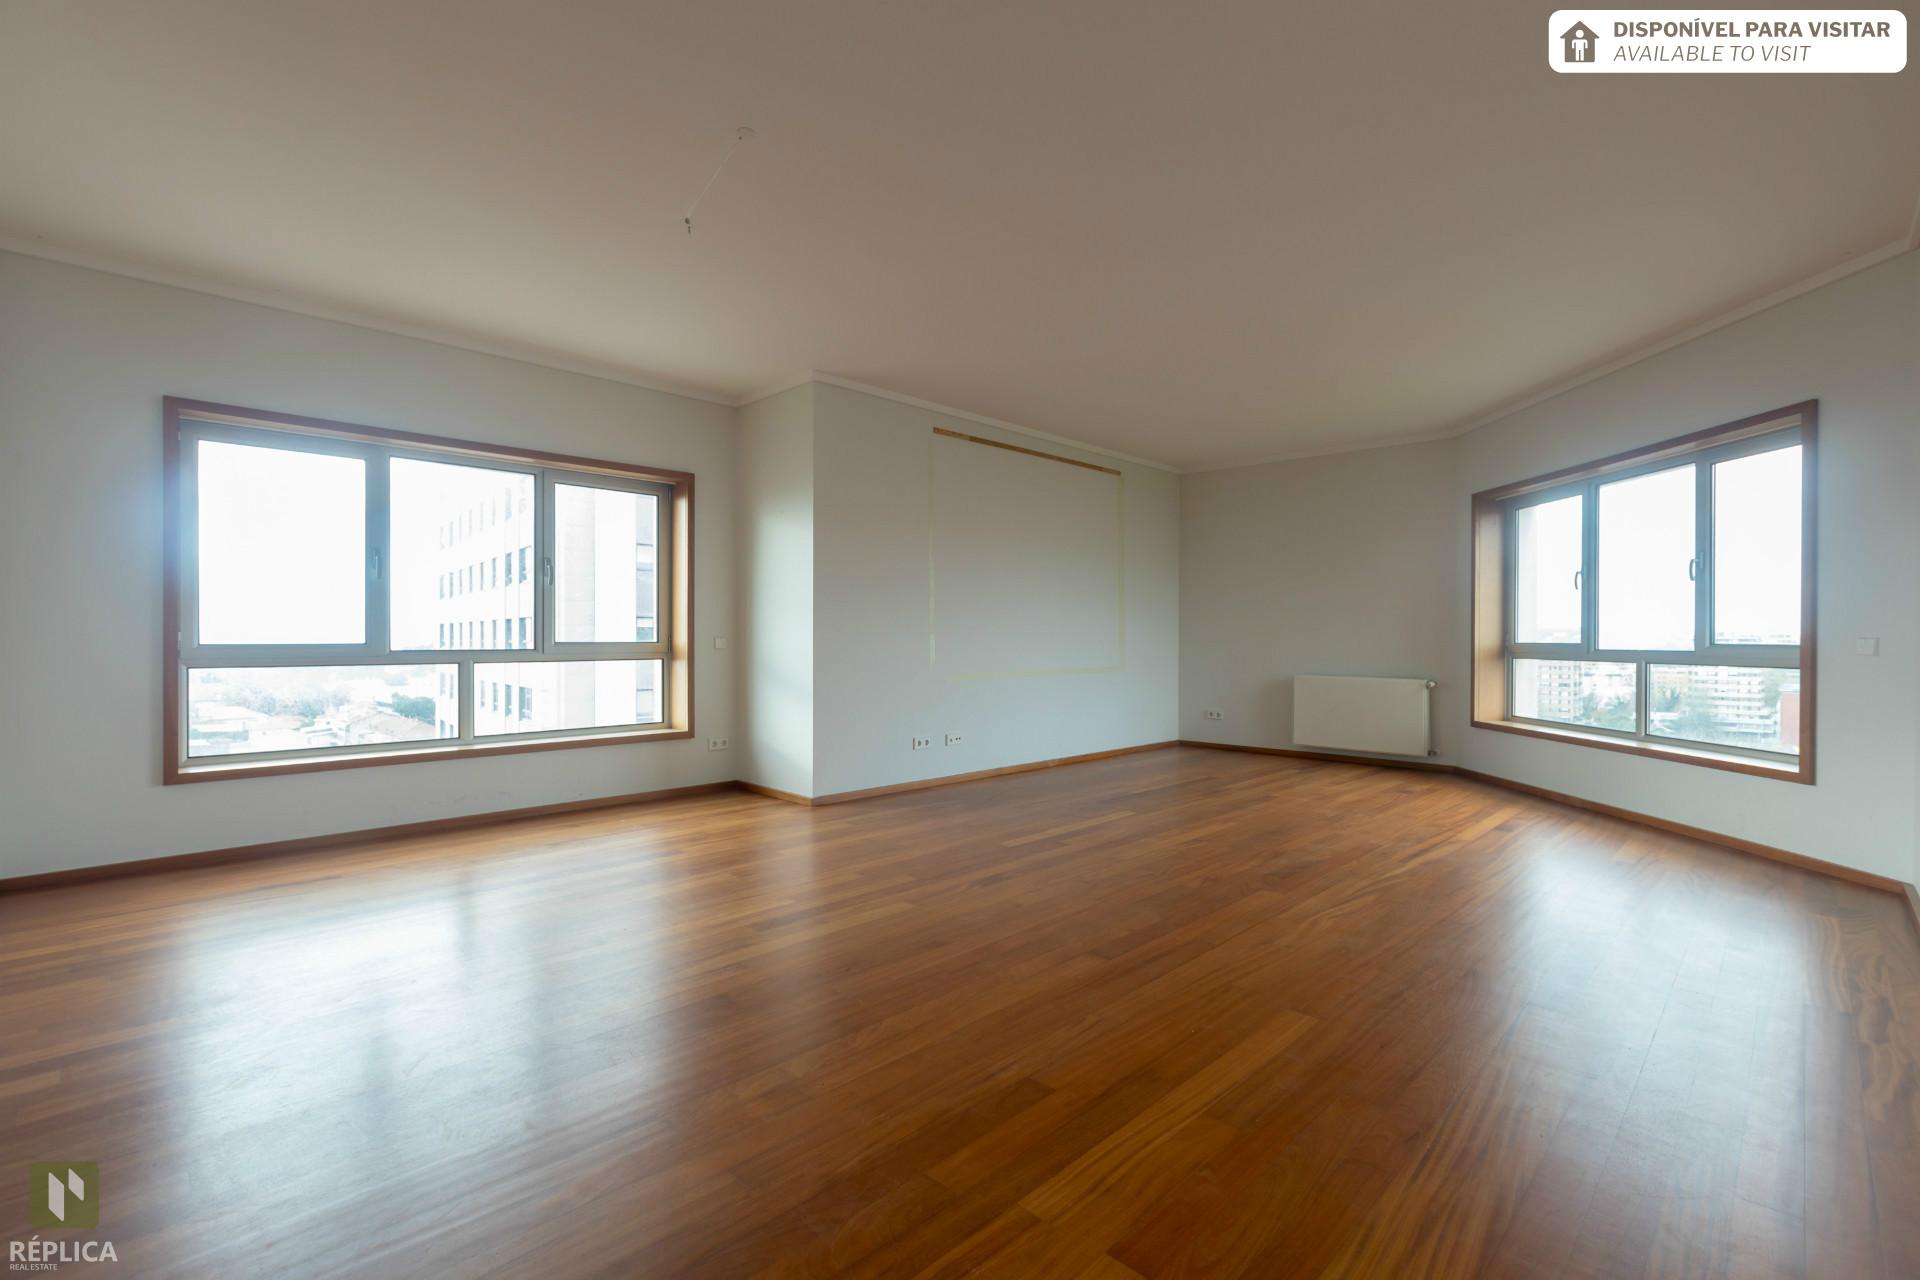 Apartamento T3+1 no Foco, Boavista